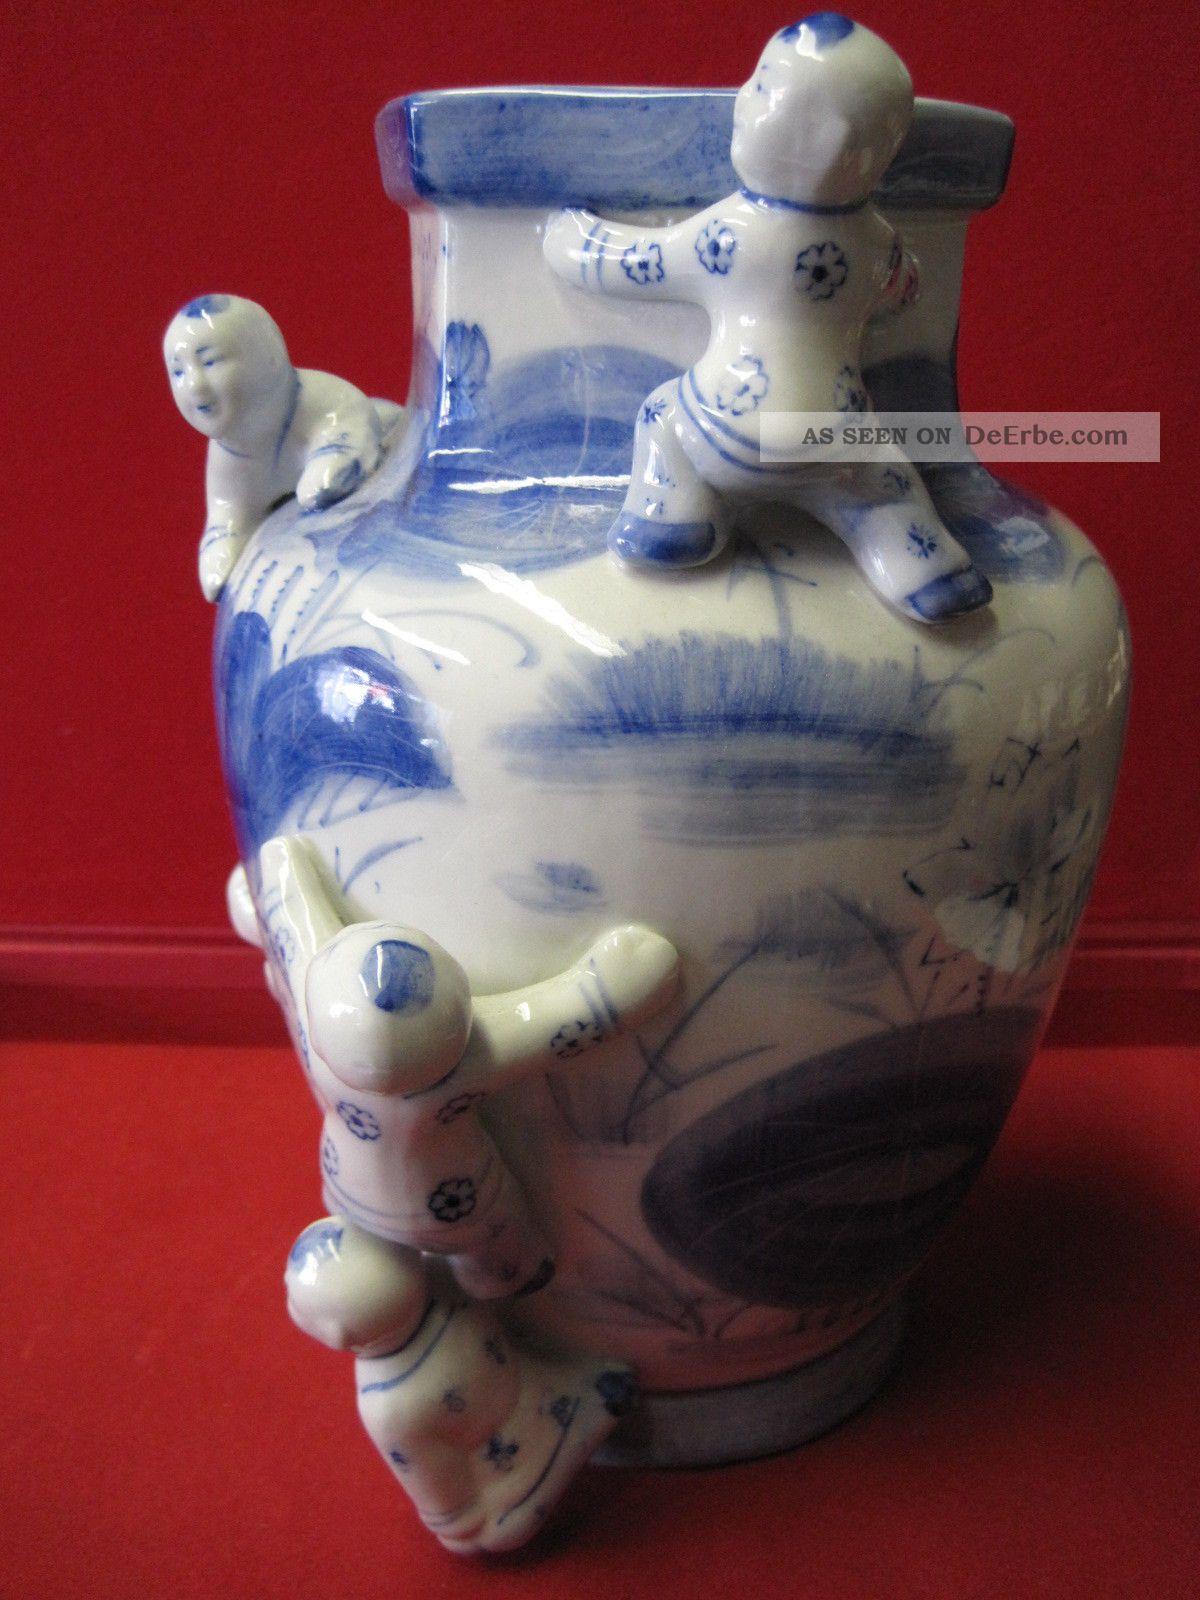 blau weisse blumen vase asiatisch aufgesetzte figuren sehr selten ausf hrung. Black Bedroom Furniture Sets. Home Design Ideas